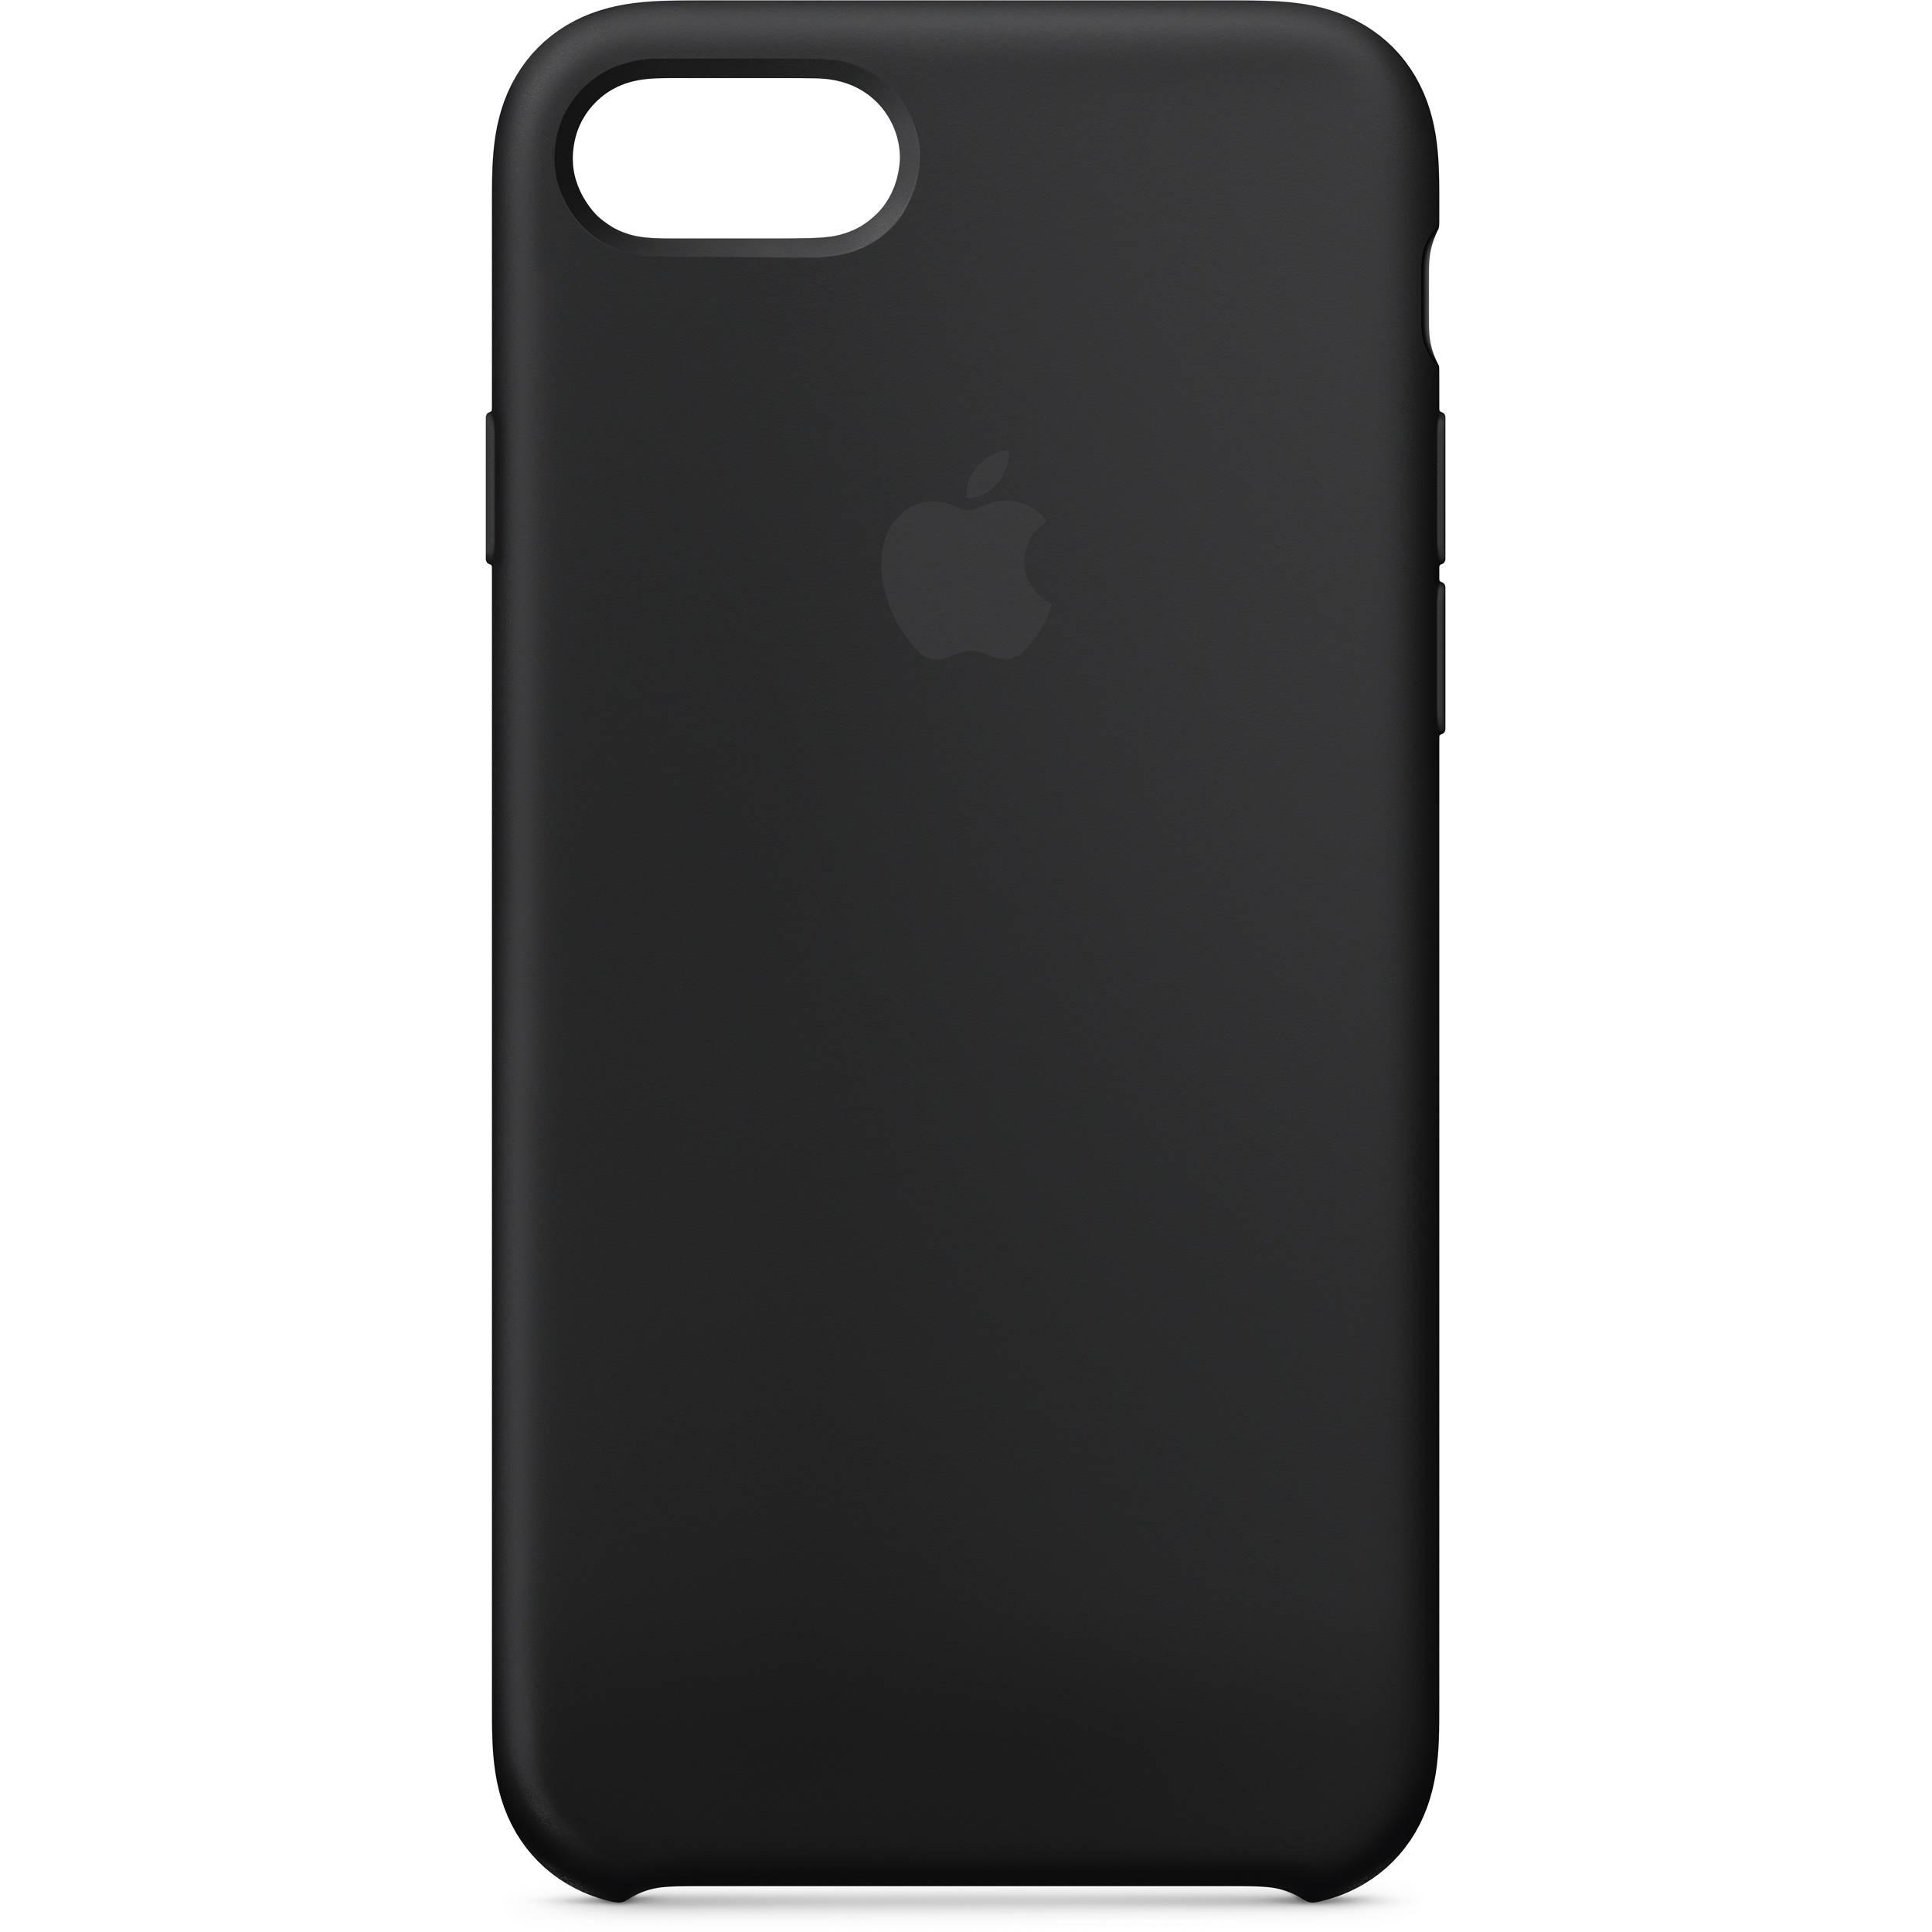 99b1dfbf8c4 Apple iPhone X Silicone Case (Black) MQT12ZM/A B&H Photo Video